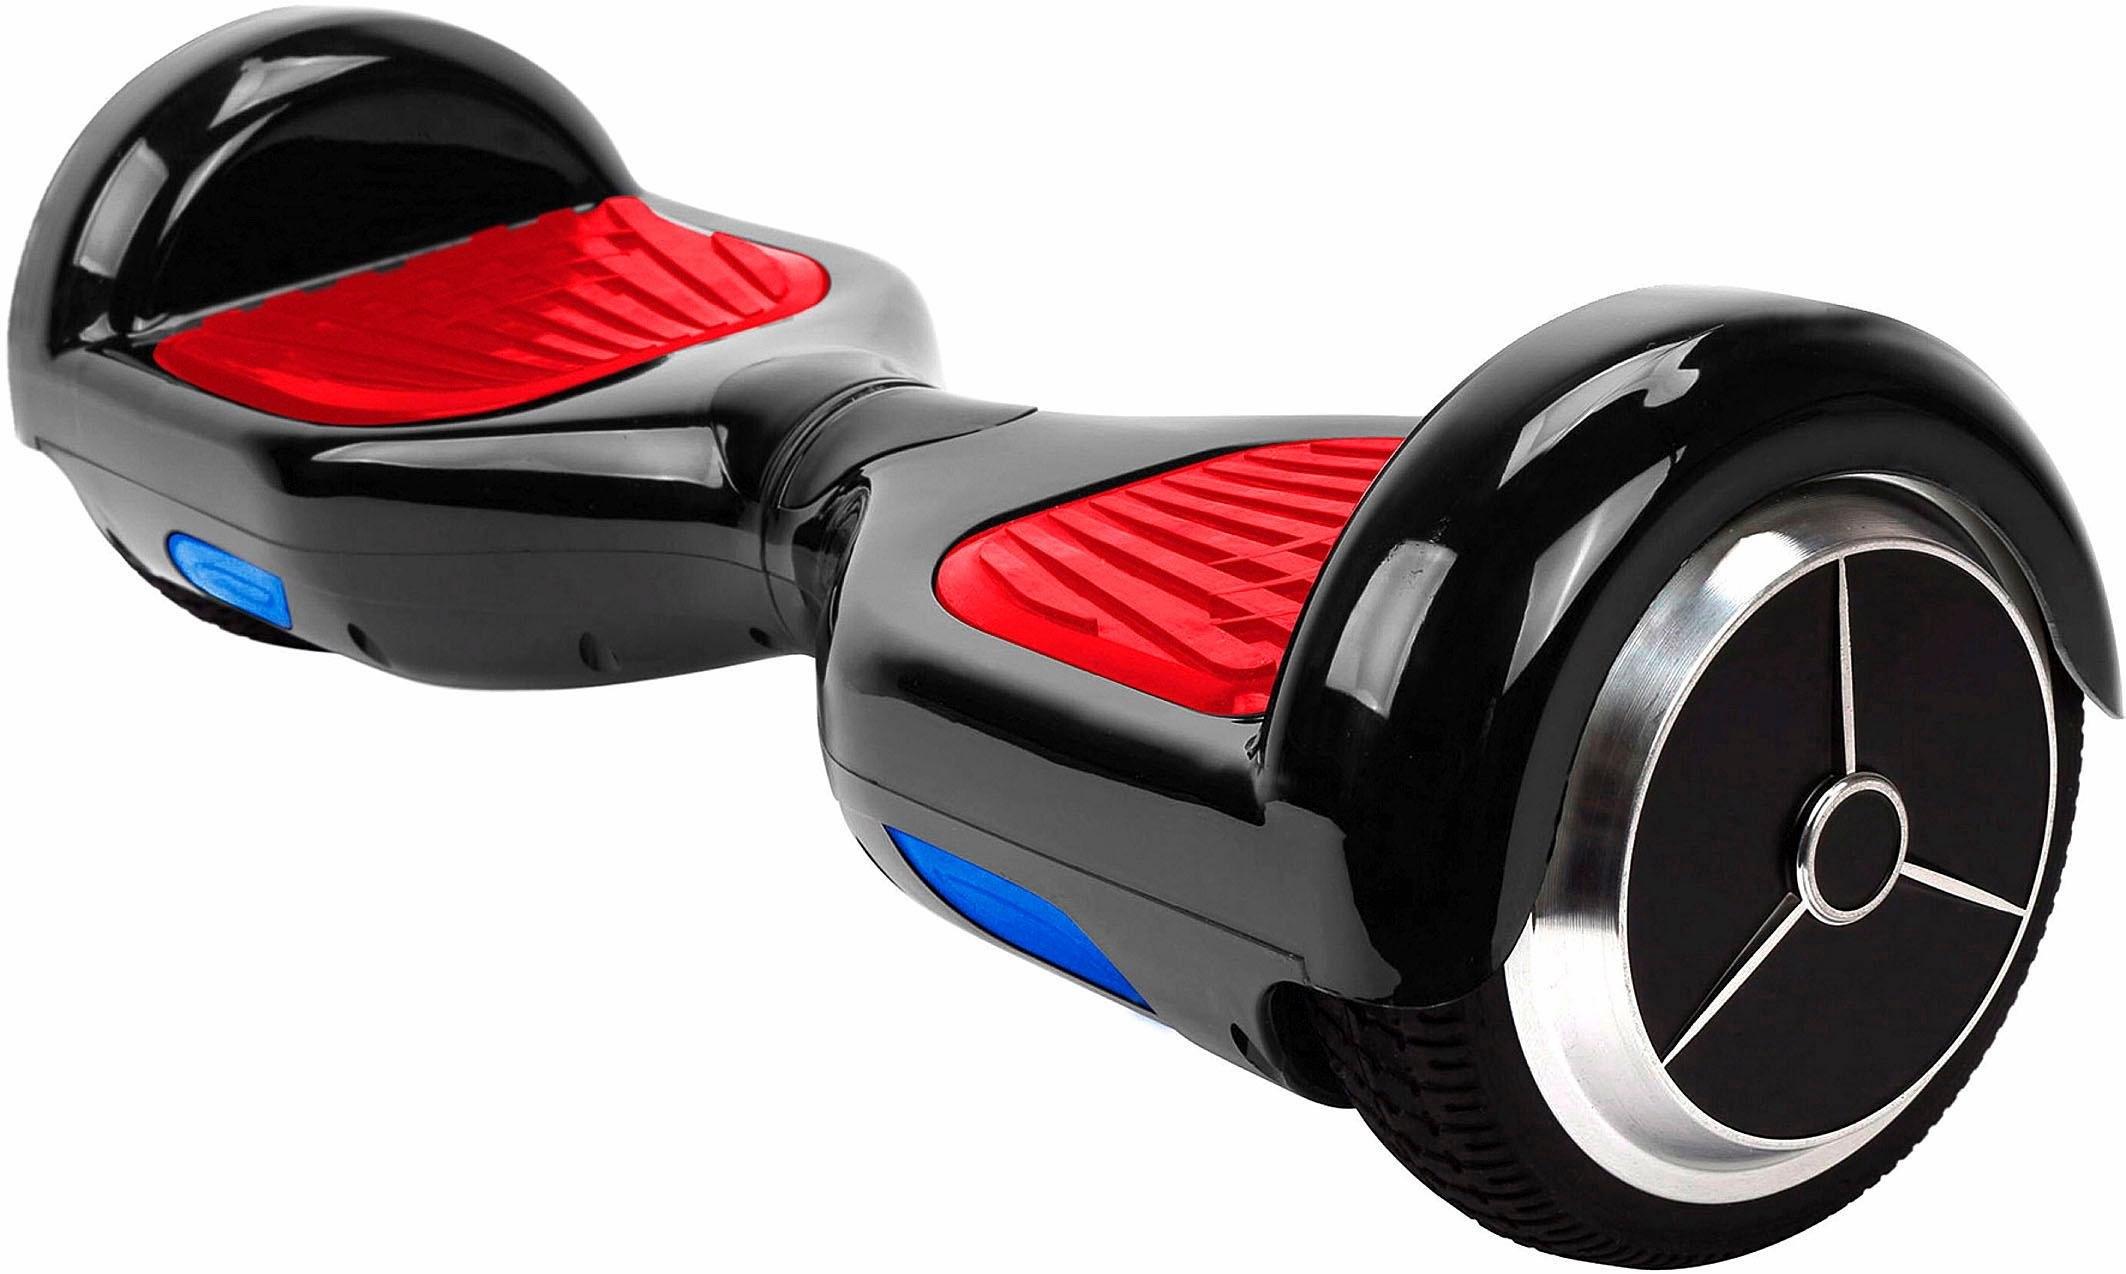 Mekotron HB-0060-BK hoverboard bestellen: 14 dagen bedenktijd